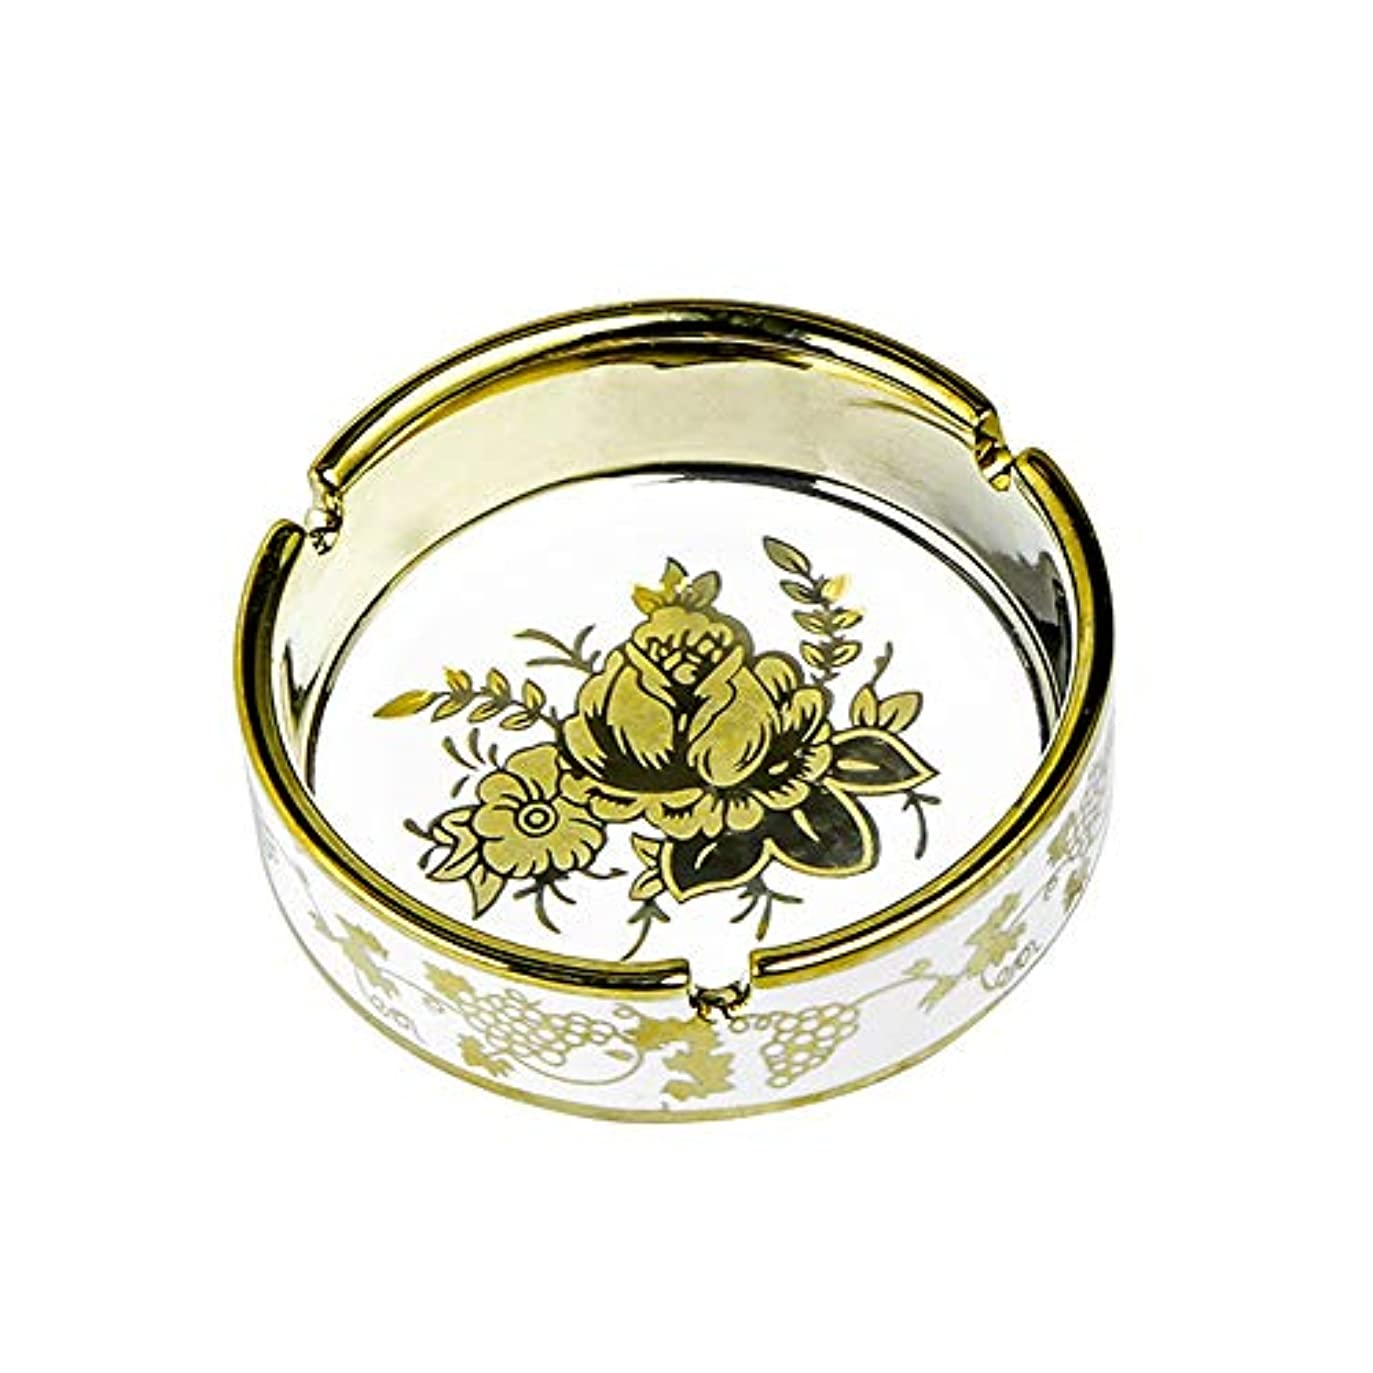 練る戸口周りタバコ、ギフトおよび総本店の装飾のための円形の光沢のあるセラミック灰皿